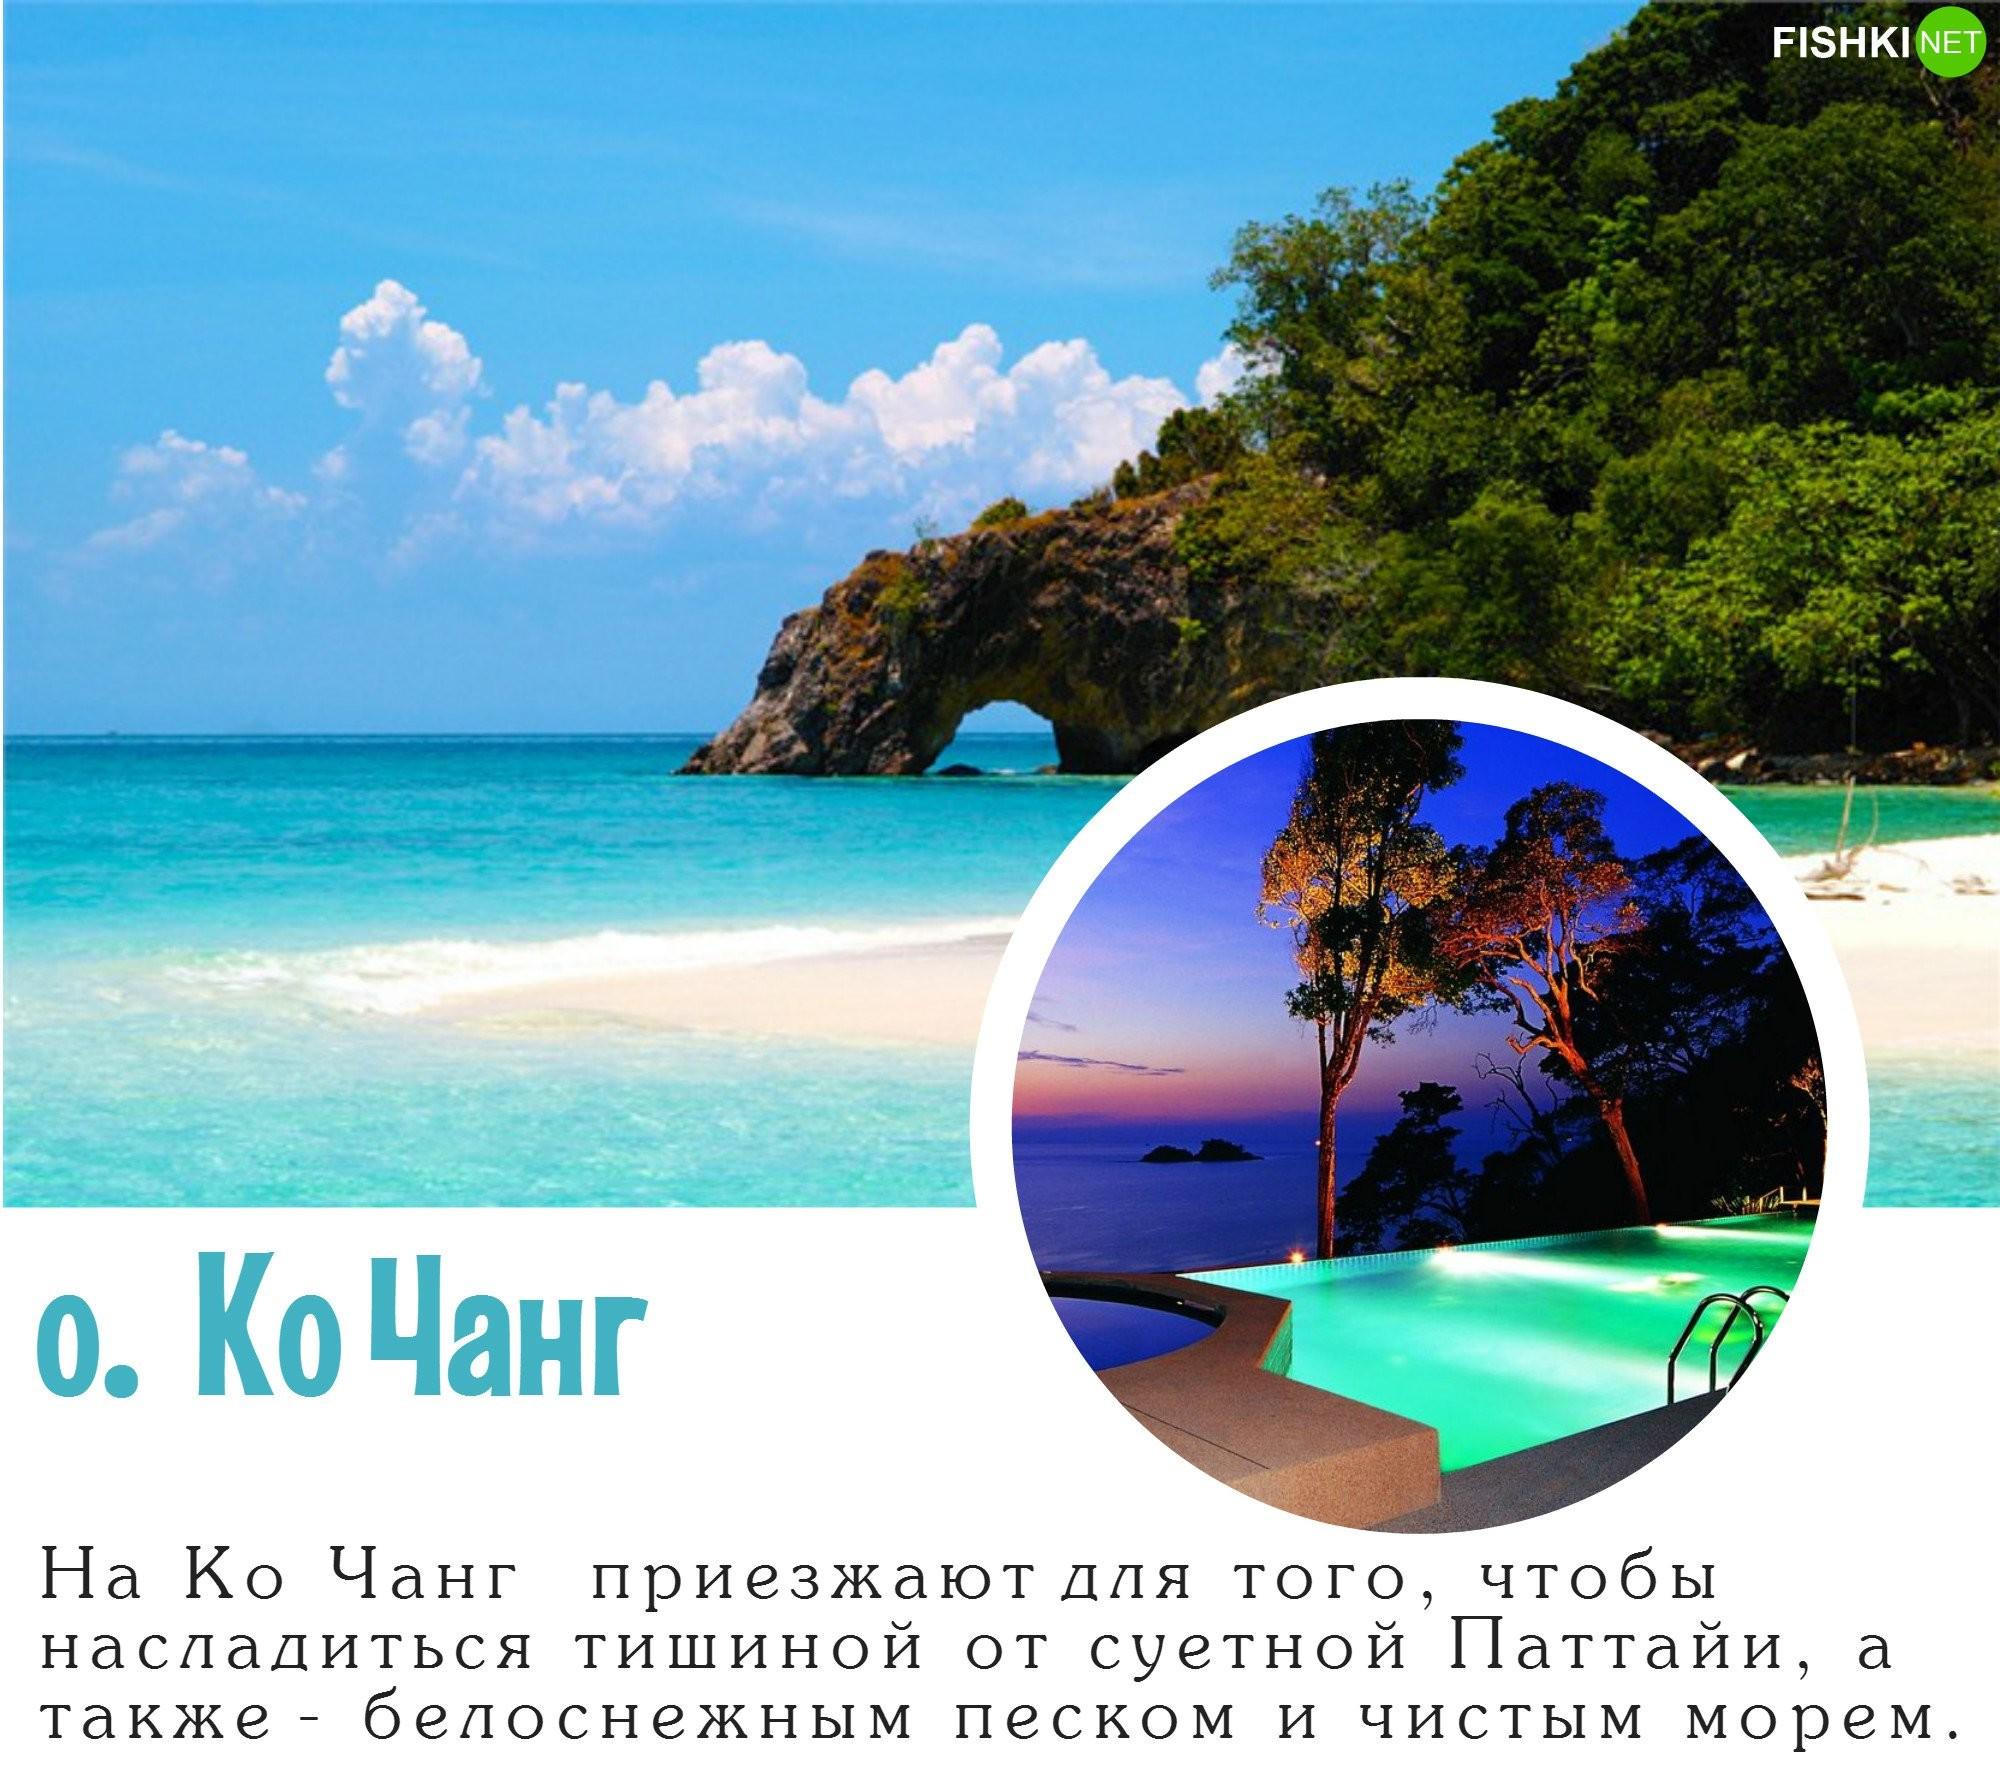 Остров Ко-Чанг – это еще одно удивительное место в Таиланде. Идеально подойдет любителям белос